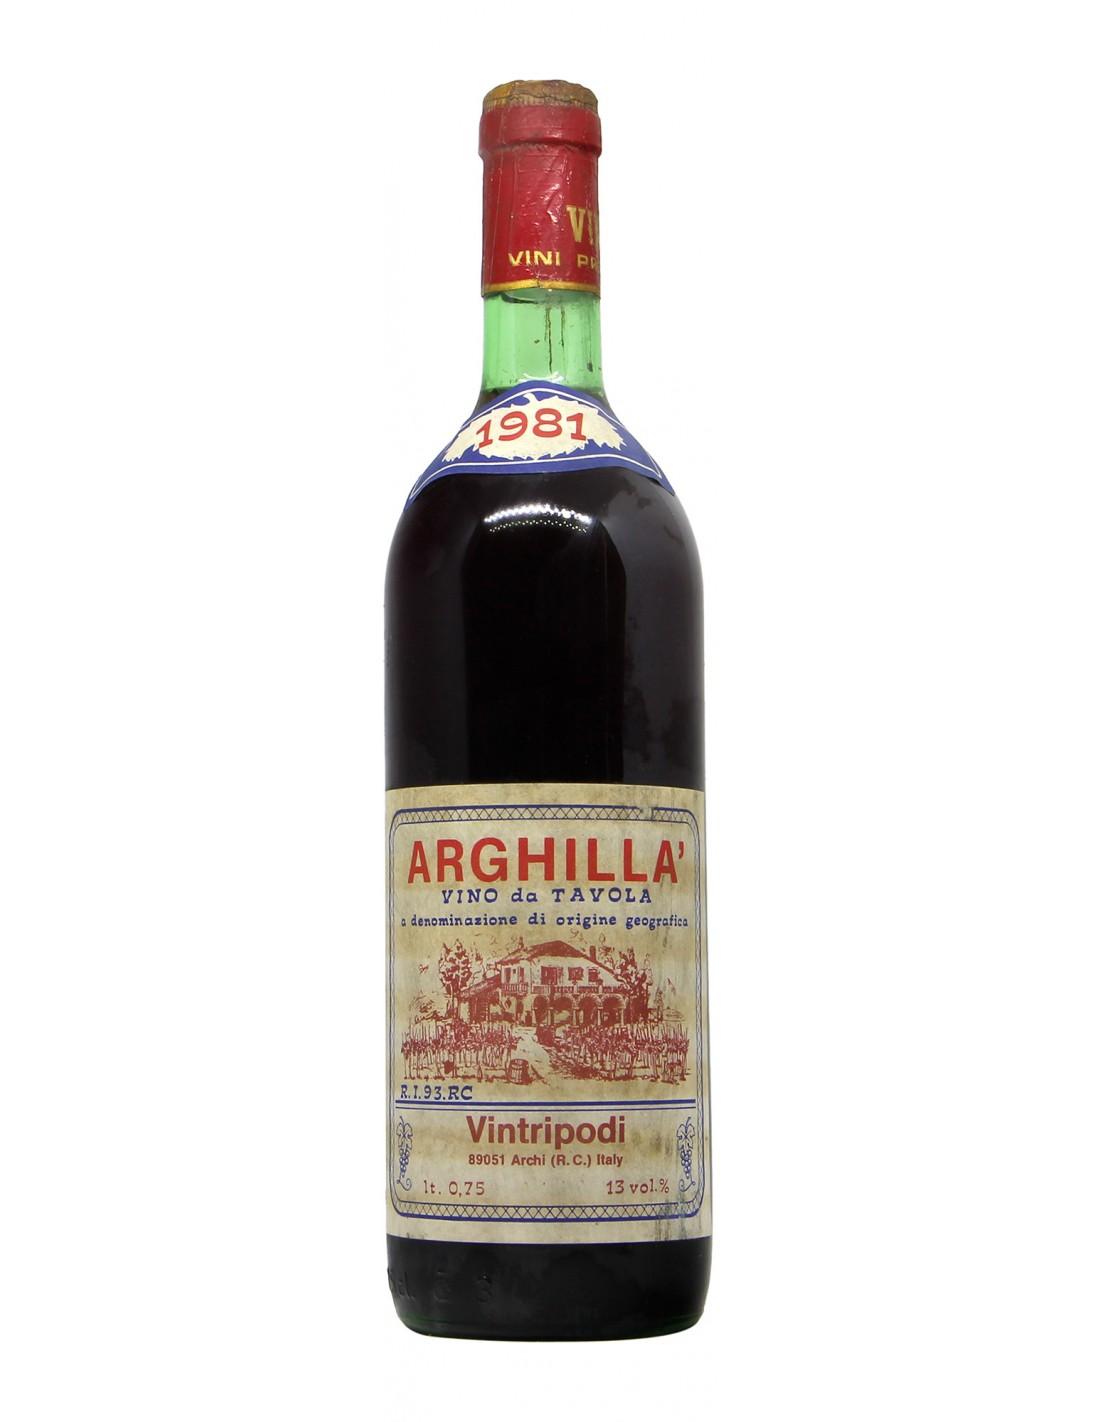 VINO DA TAVOLA ARGHILLA' 1981 VINTRIPODI Grandi Bottiglie